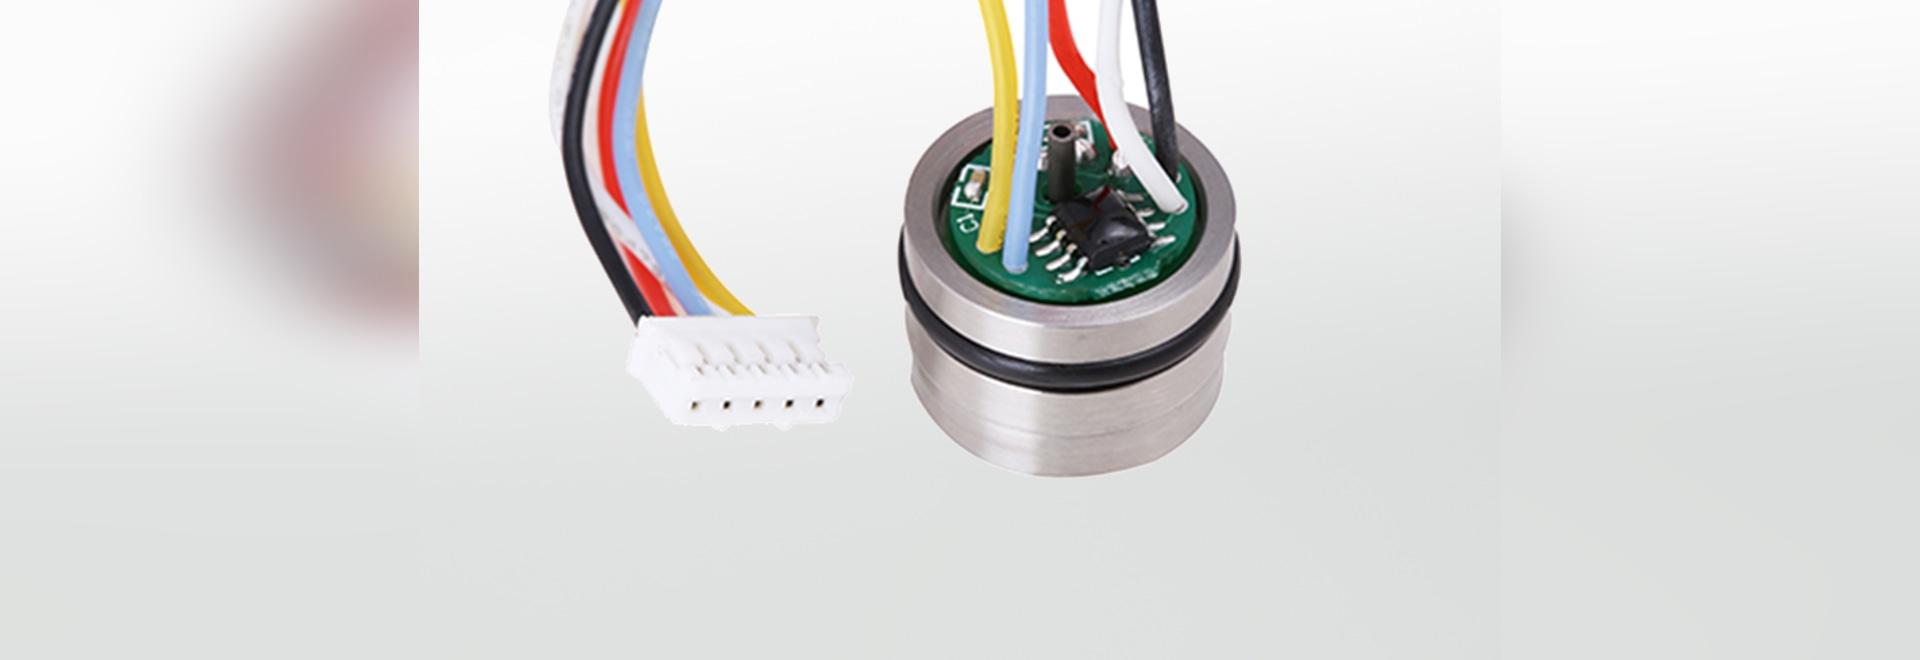 Transducteur de pression de sortie numérique de MPM3808 I2C